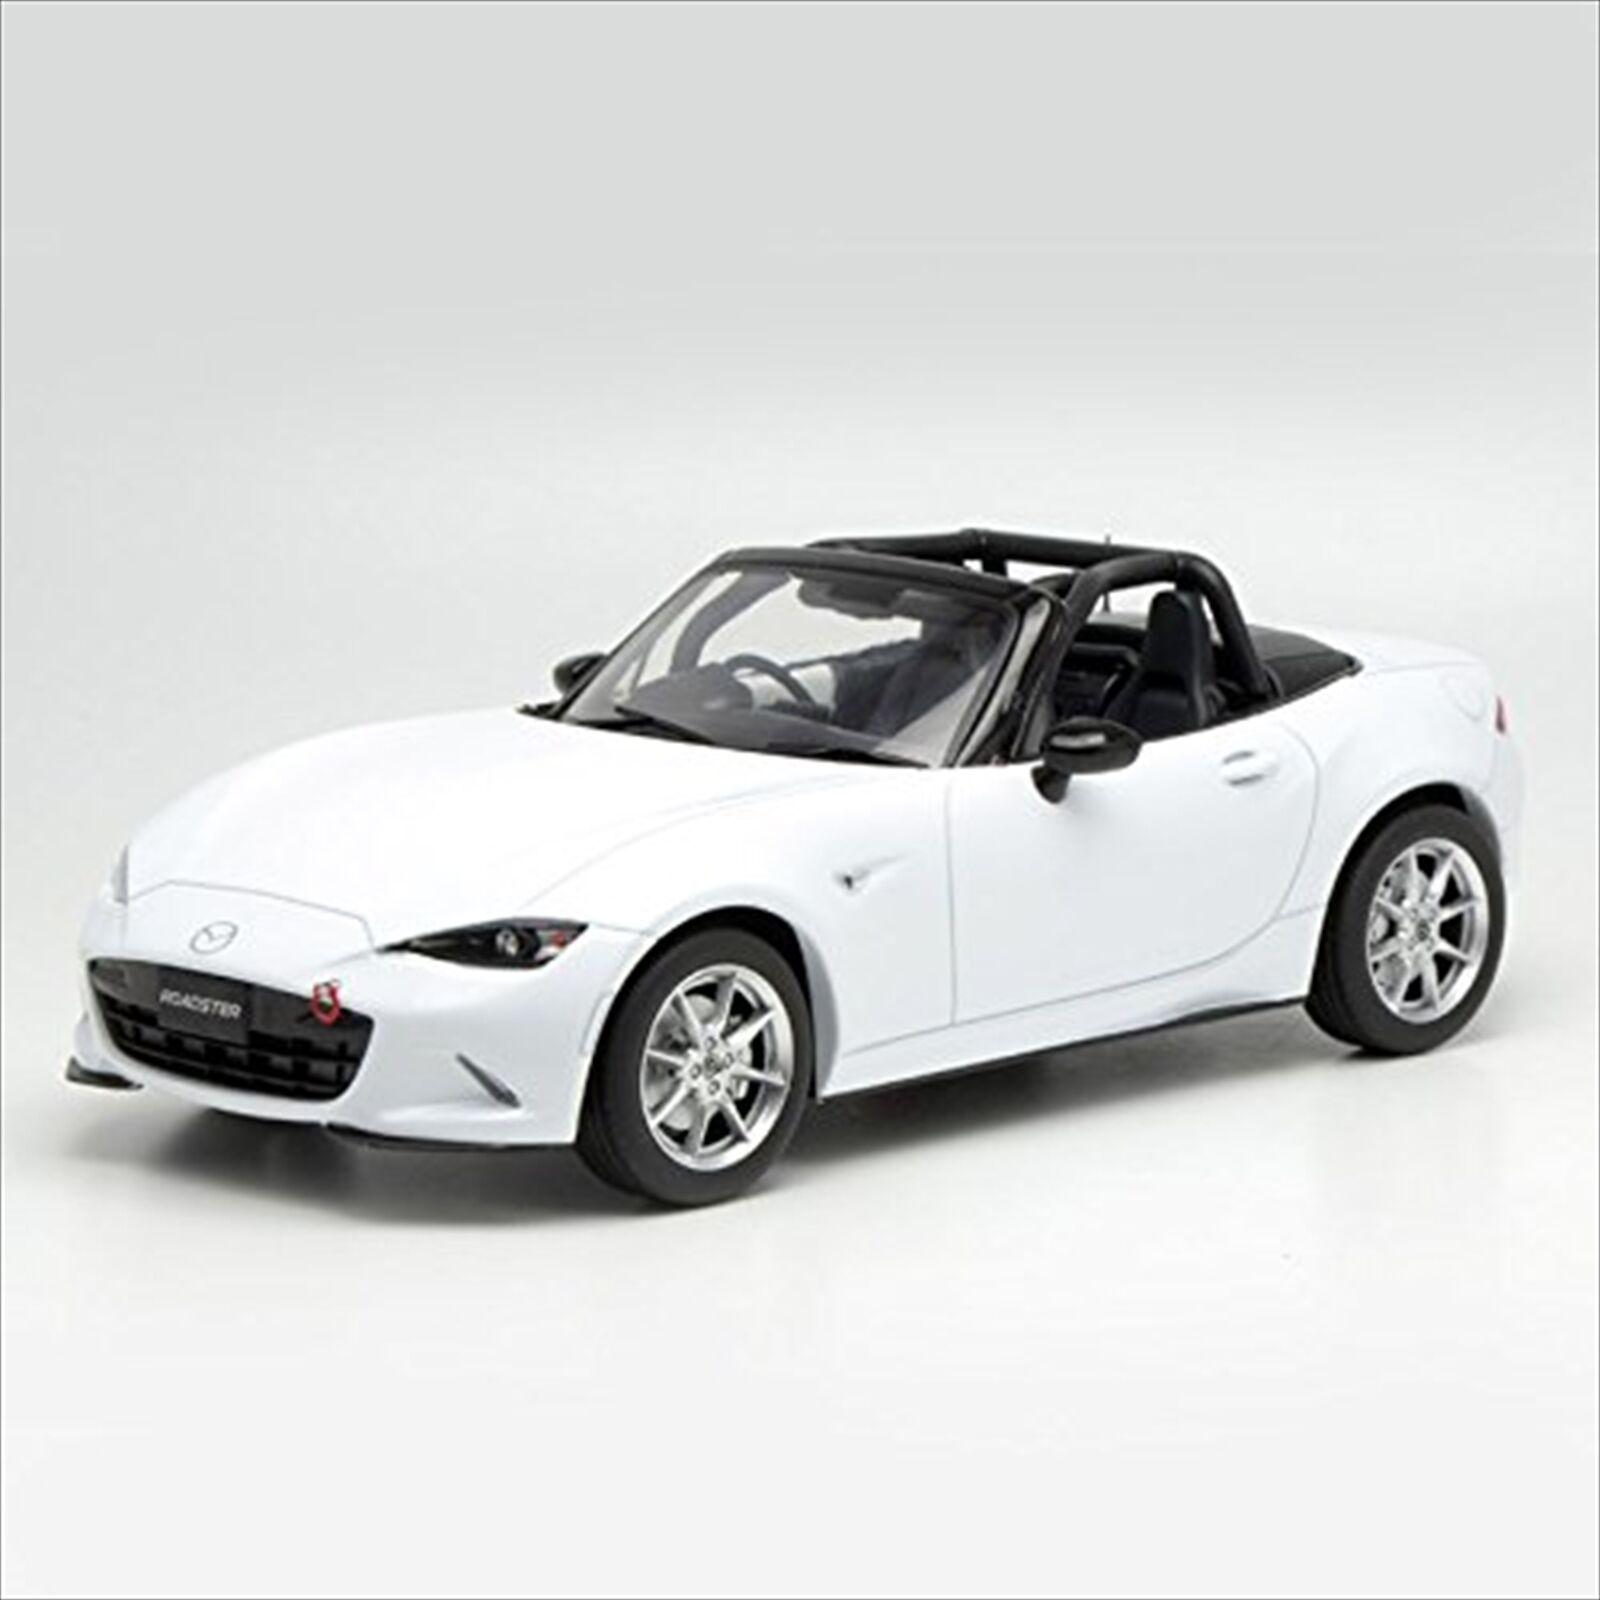 FÖRSTA 18  18 Mazda Roadster NR -A vit tärningskast modellllerler F18 -019